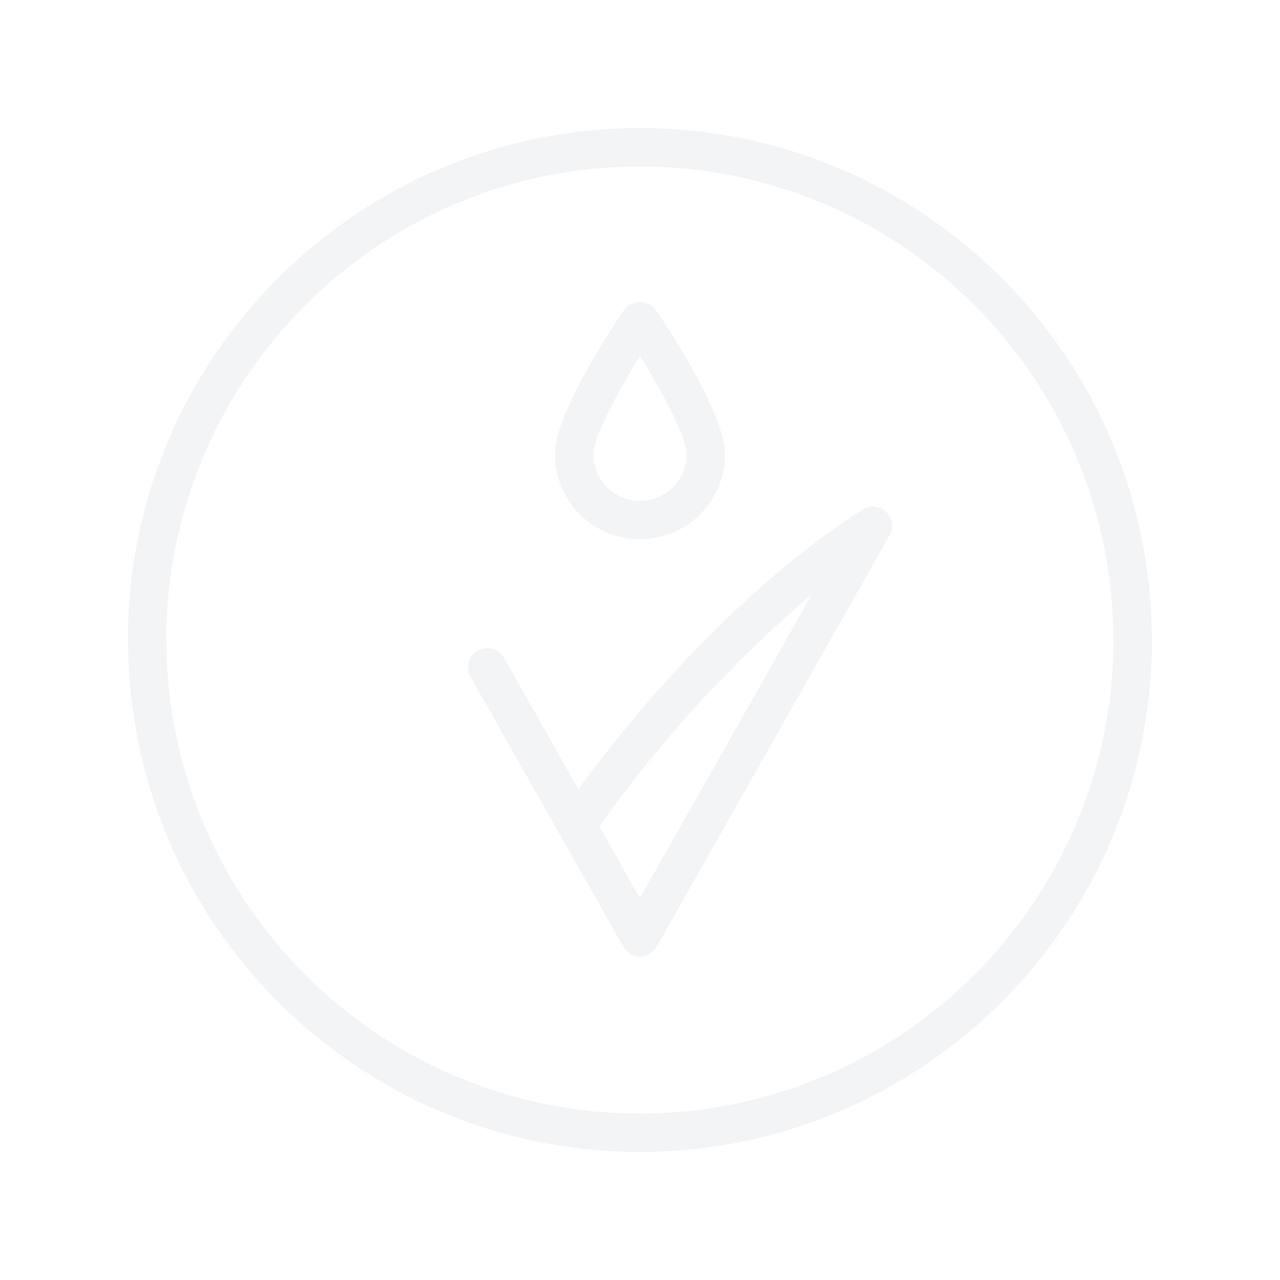 ESTEE LAUDER Pure Color Love Lipstick 3.5g